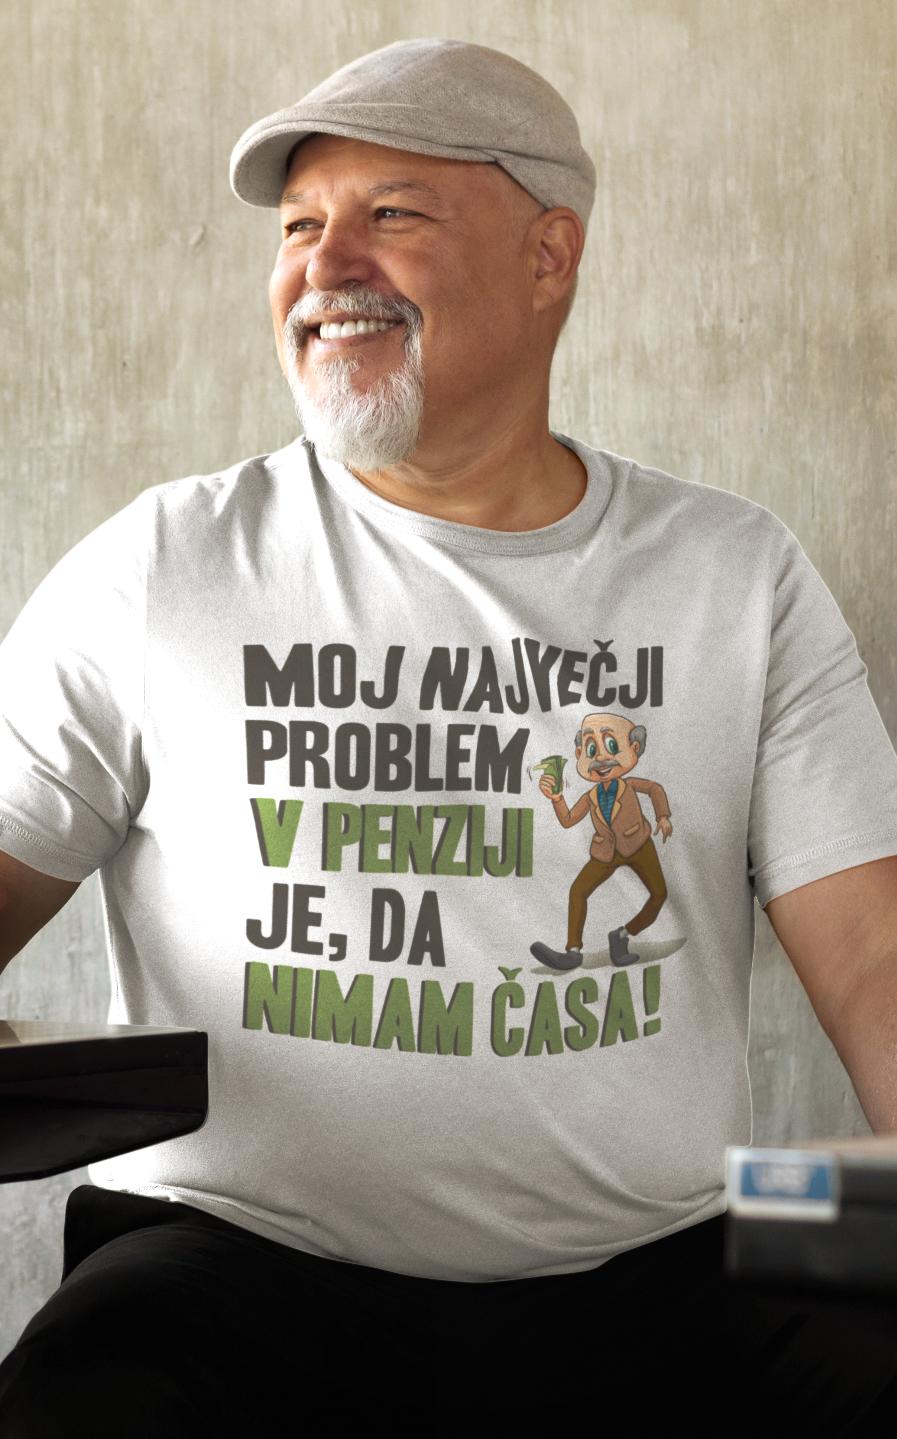 Smešna majica sem v penziji, nimam časa